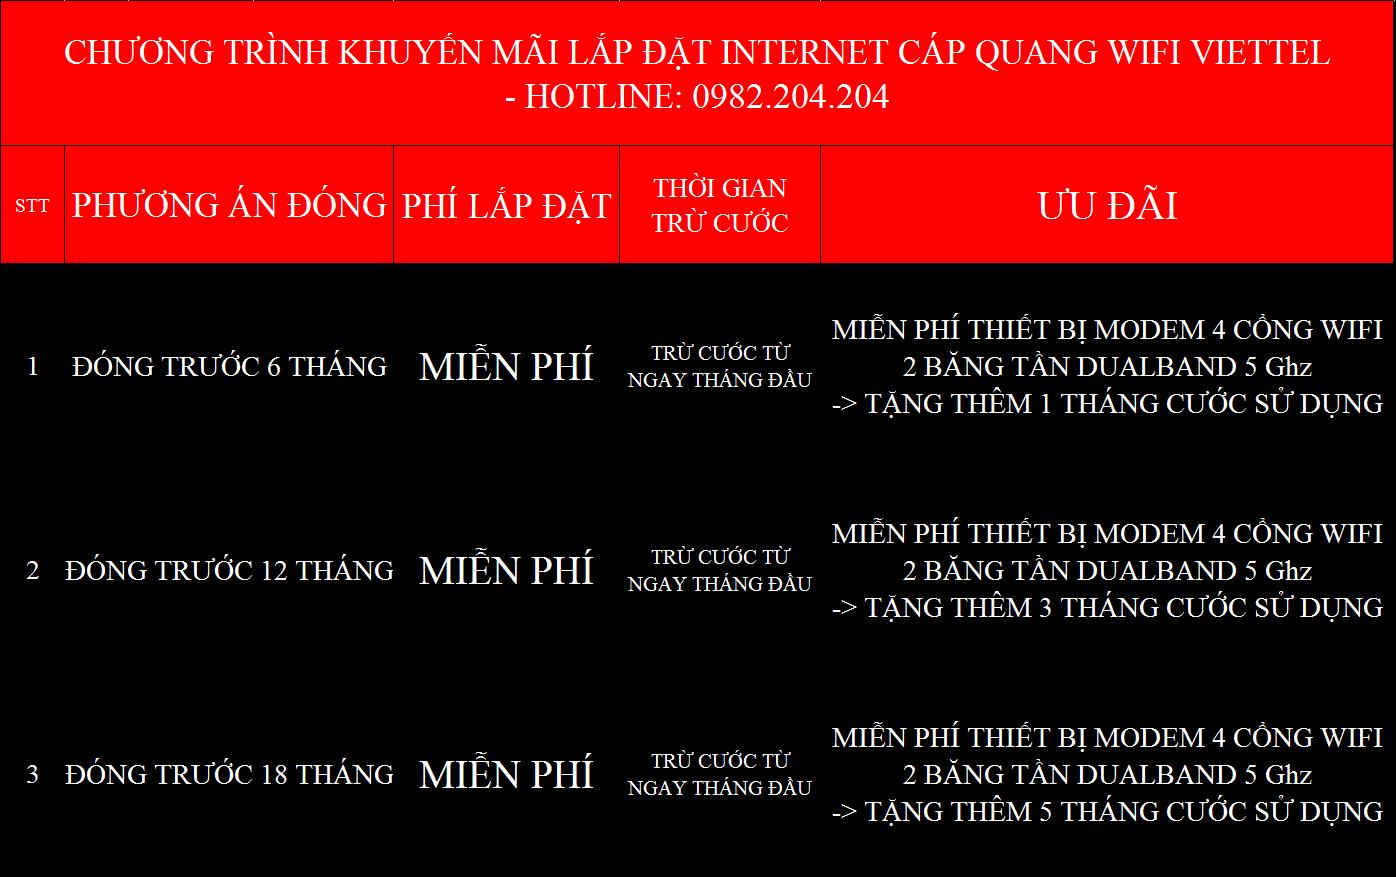 Khuyến mãi lắp mạng internet Viettel Trà Vinh